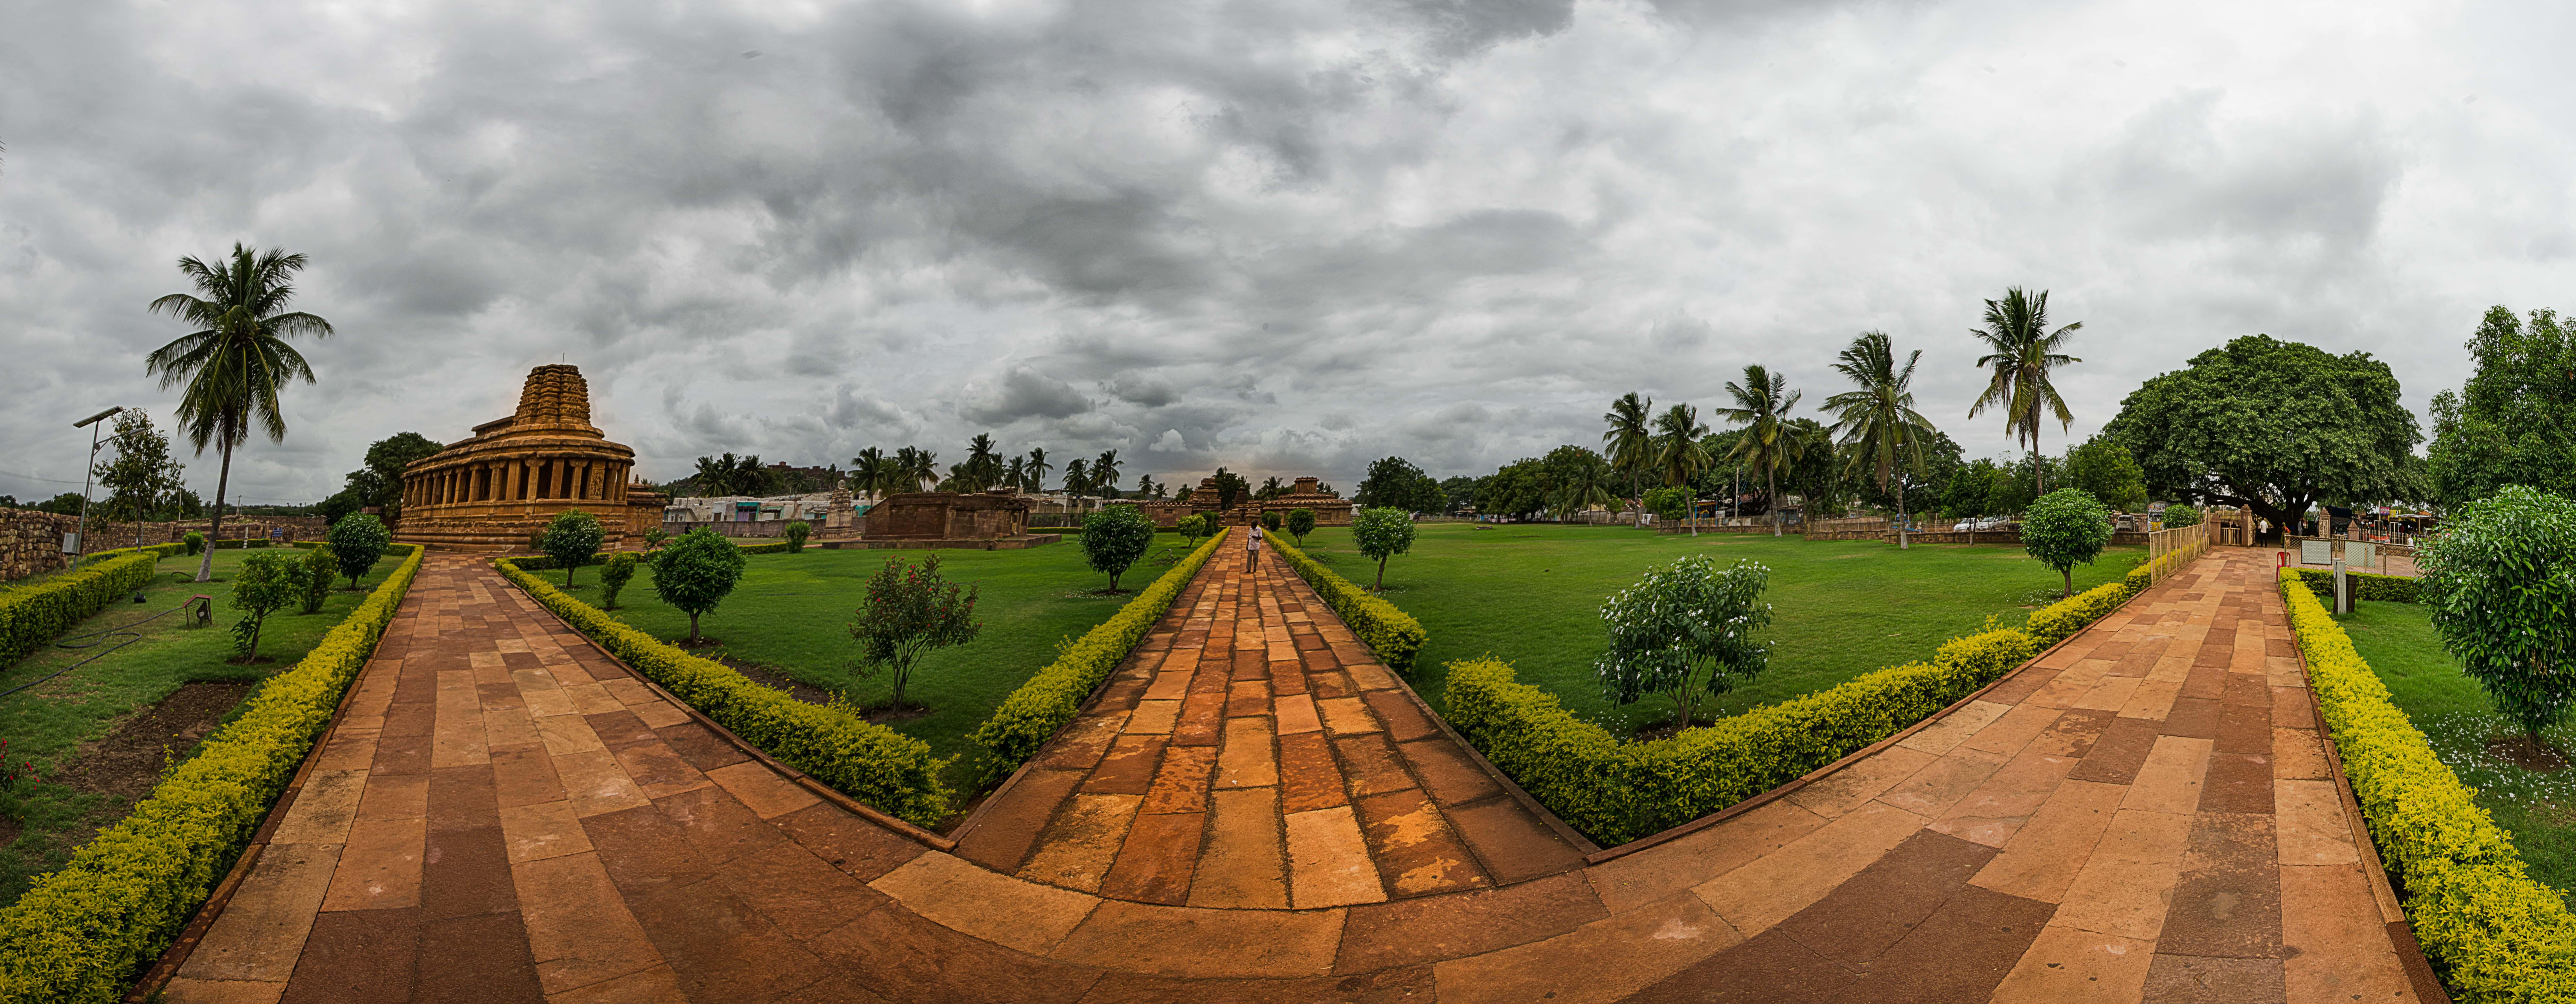 panorama1-edit